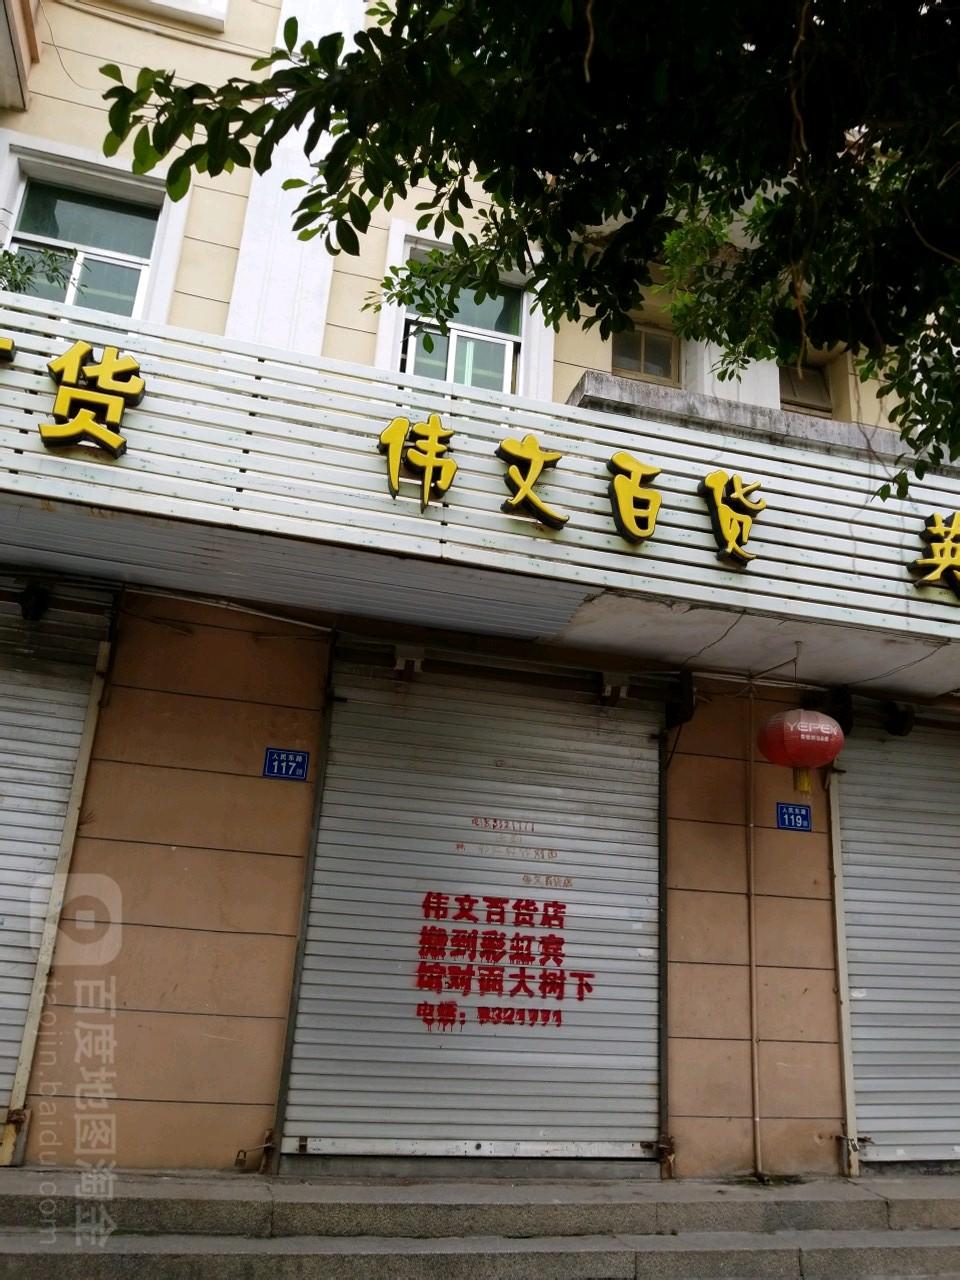 长泰县  标签: 批发市场 购物 小商品市场  伟文图片